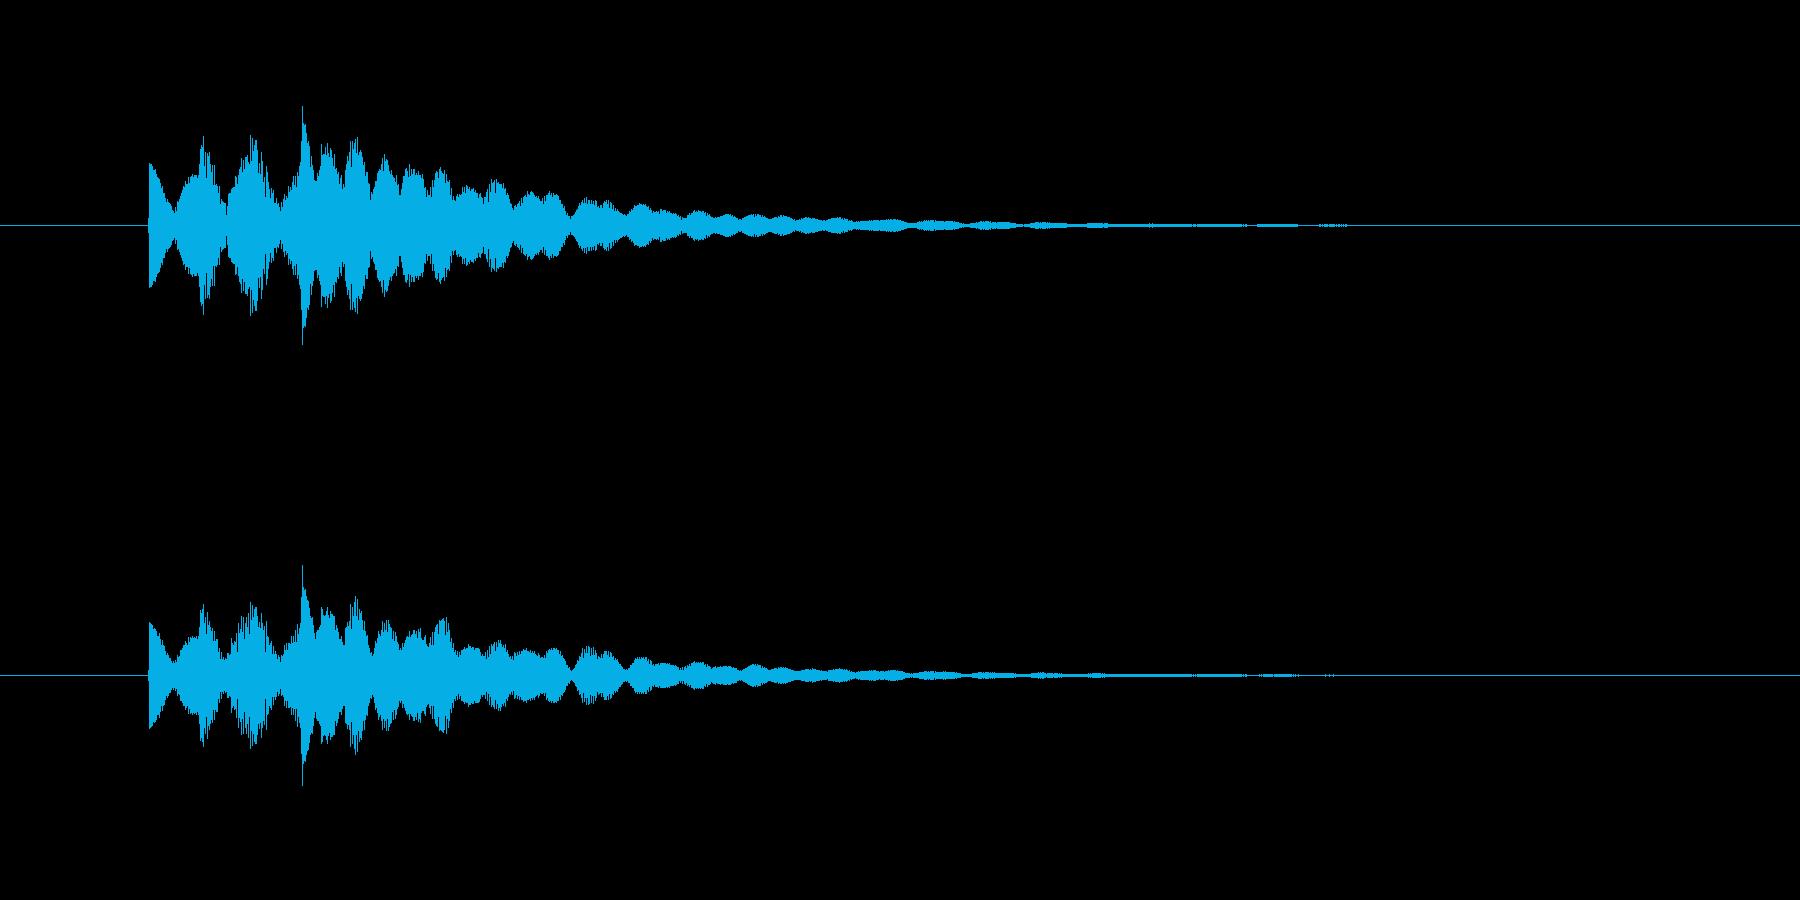 ピポピロン!優しいシンセのジングル。の再生済みの波形